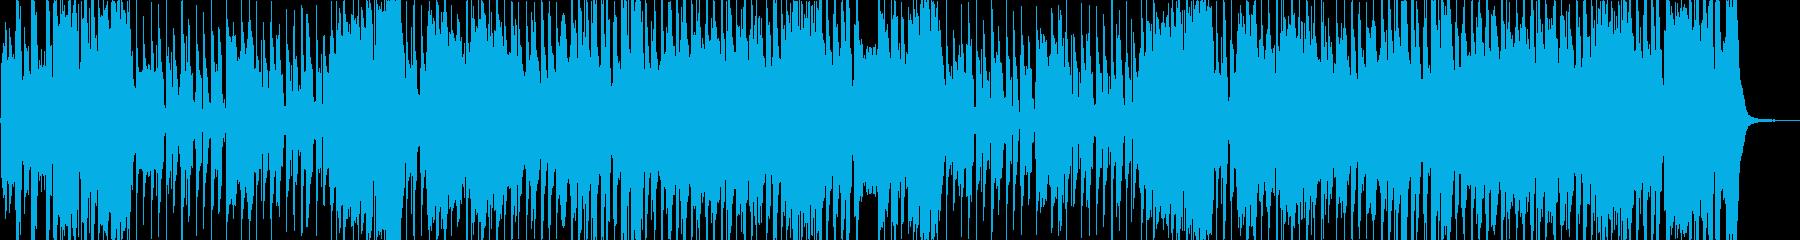 子供のイメージにほのぼのと明るい楽曲の再生済みの波形